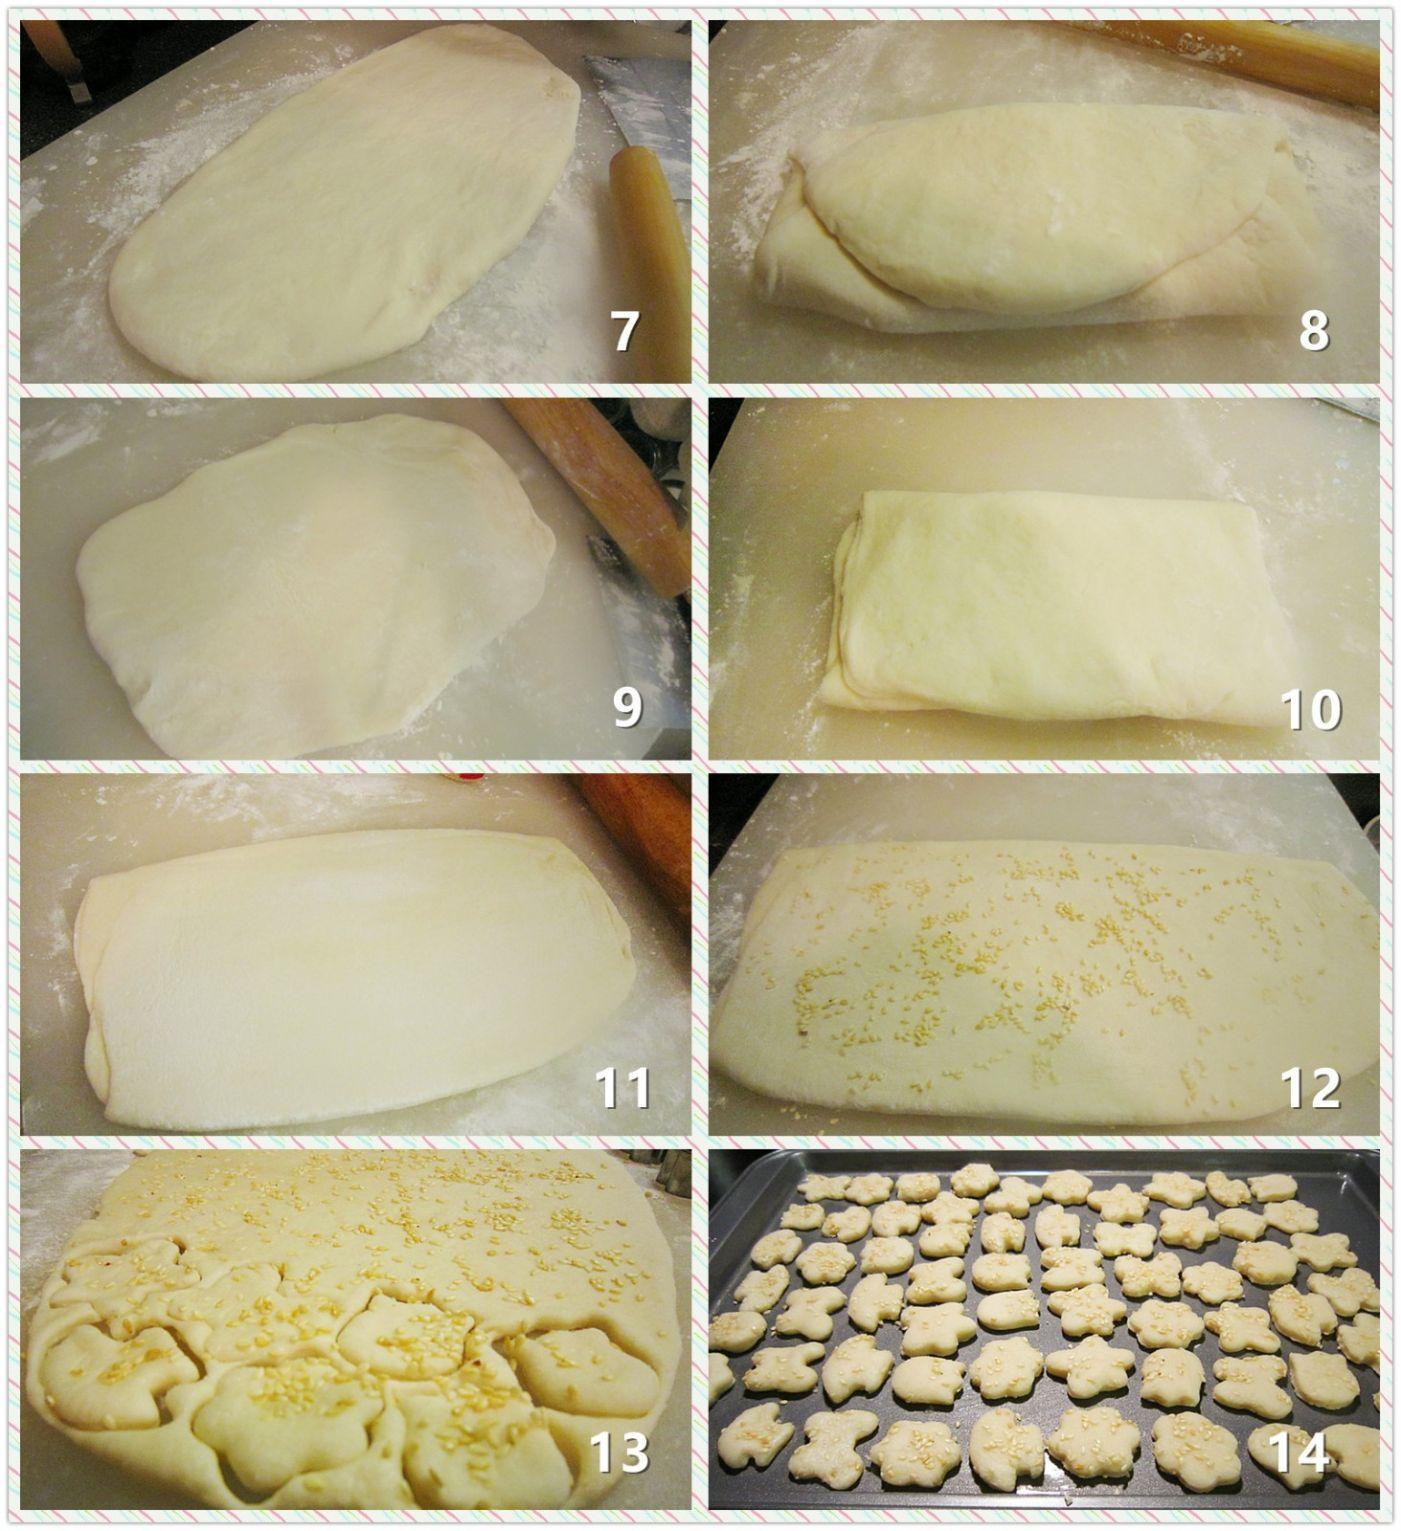 芝麻牛奶饼干_图1-3